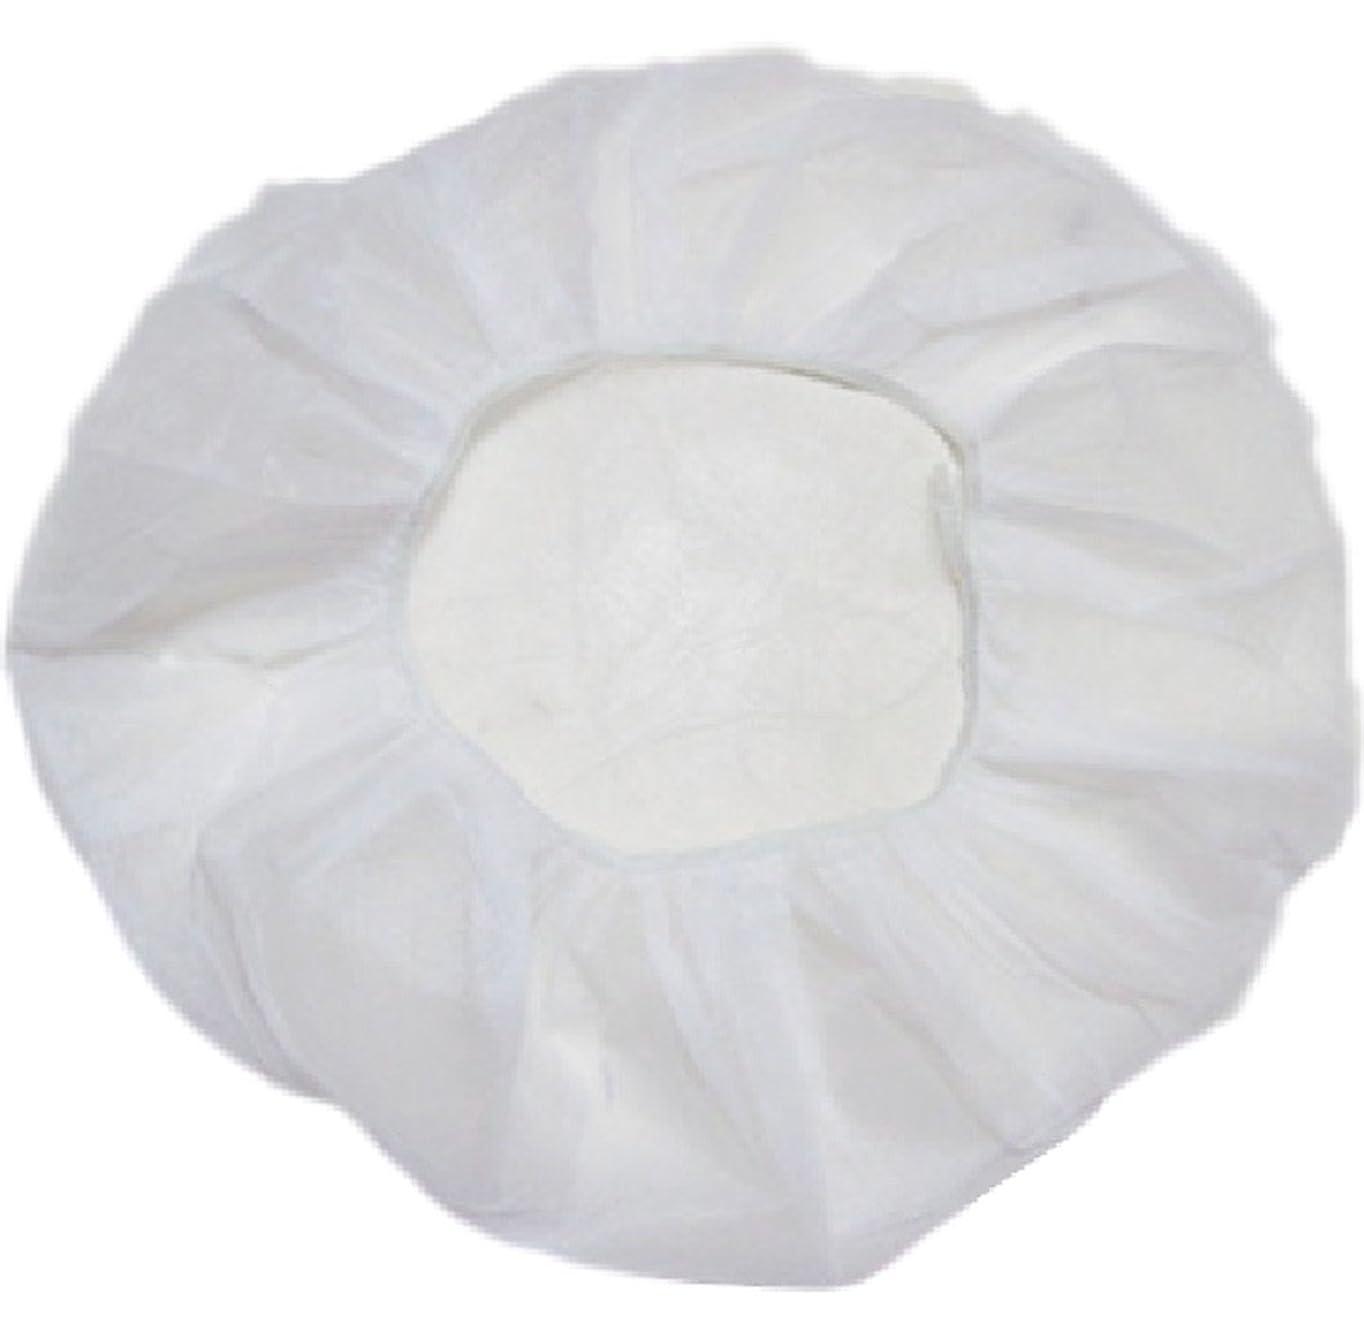 純度馬鹿城業務用 不織布 ヘアキャップ 使い捨て 衛生 食品 加工 工場 大きめ (100個, 白)